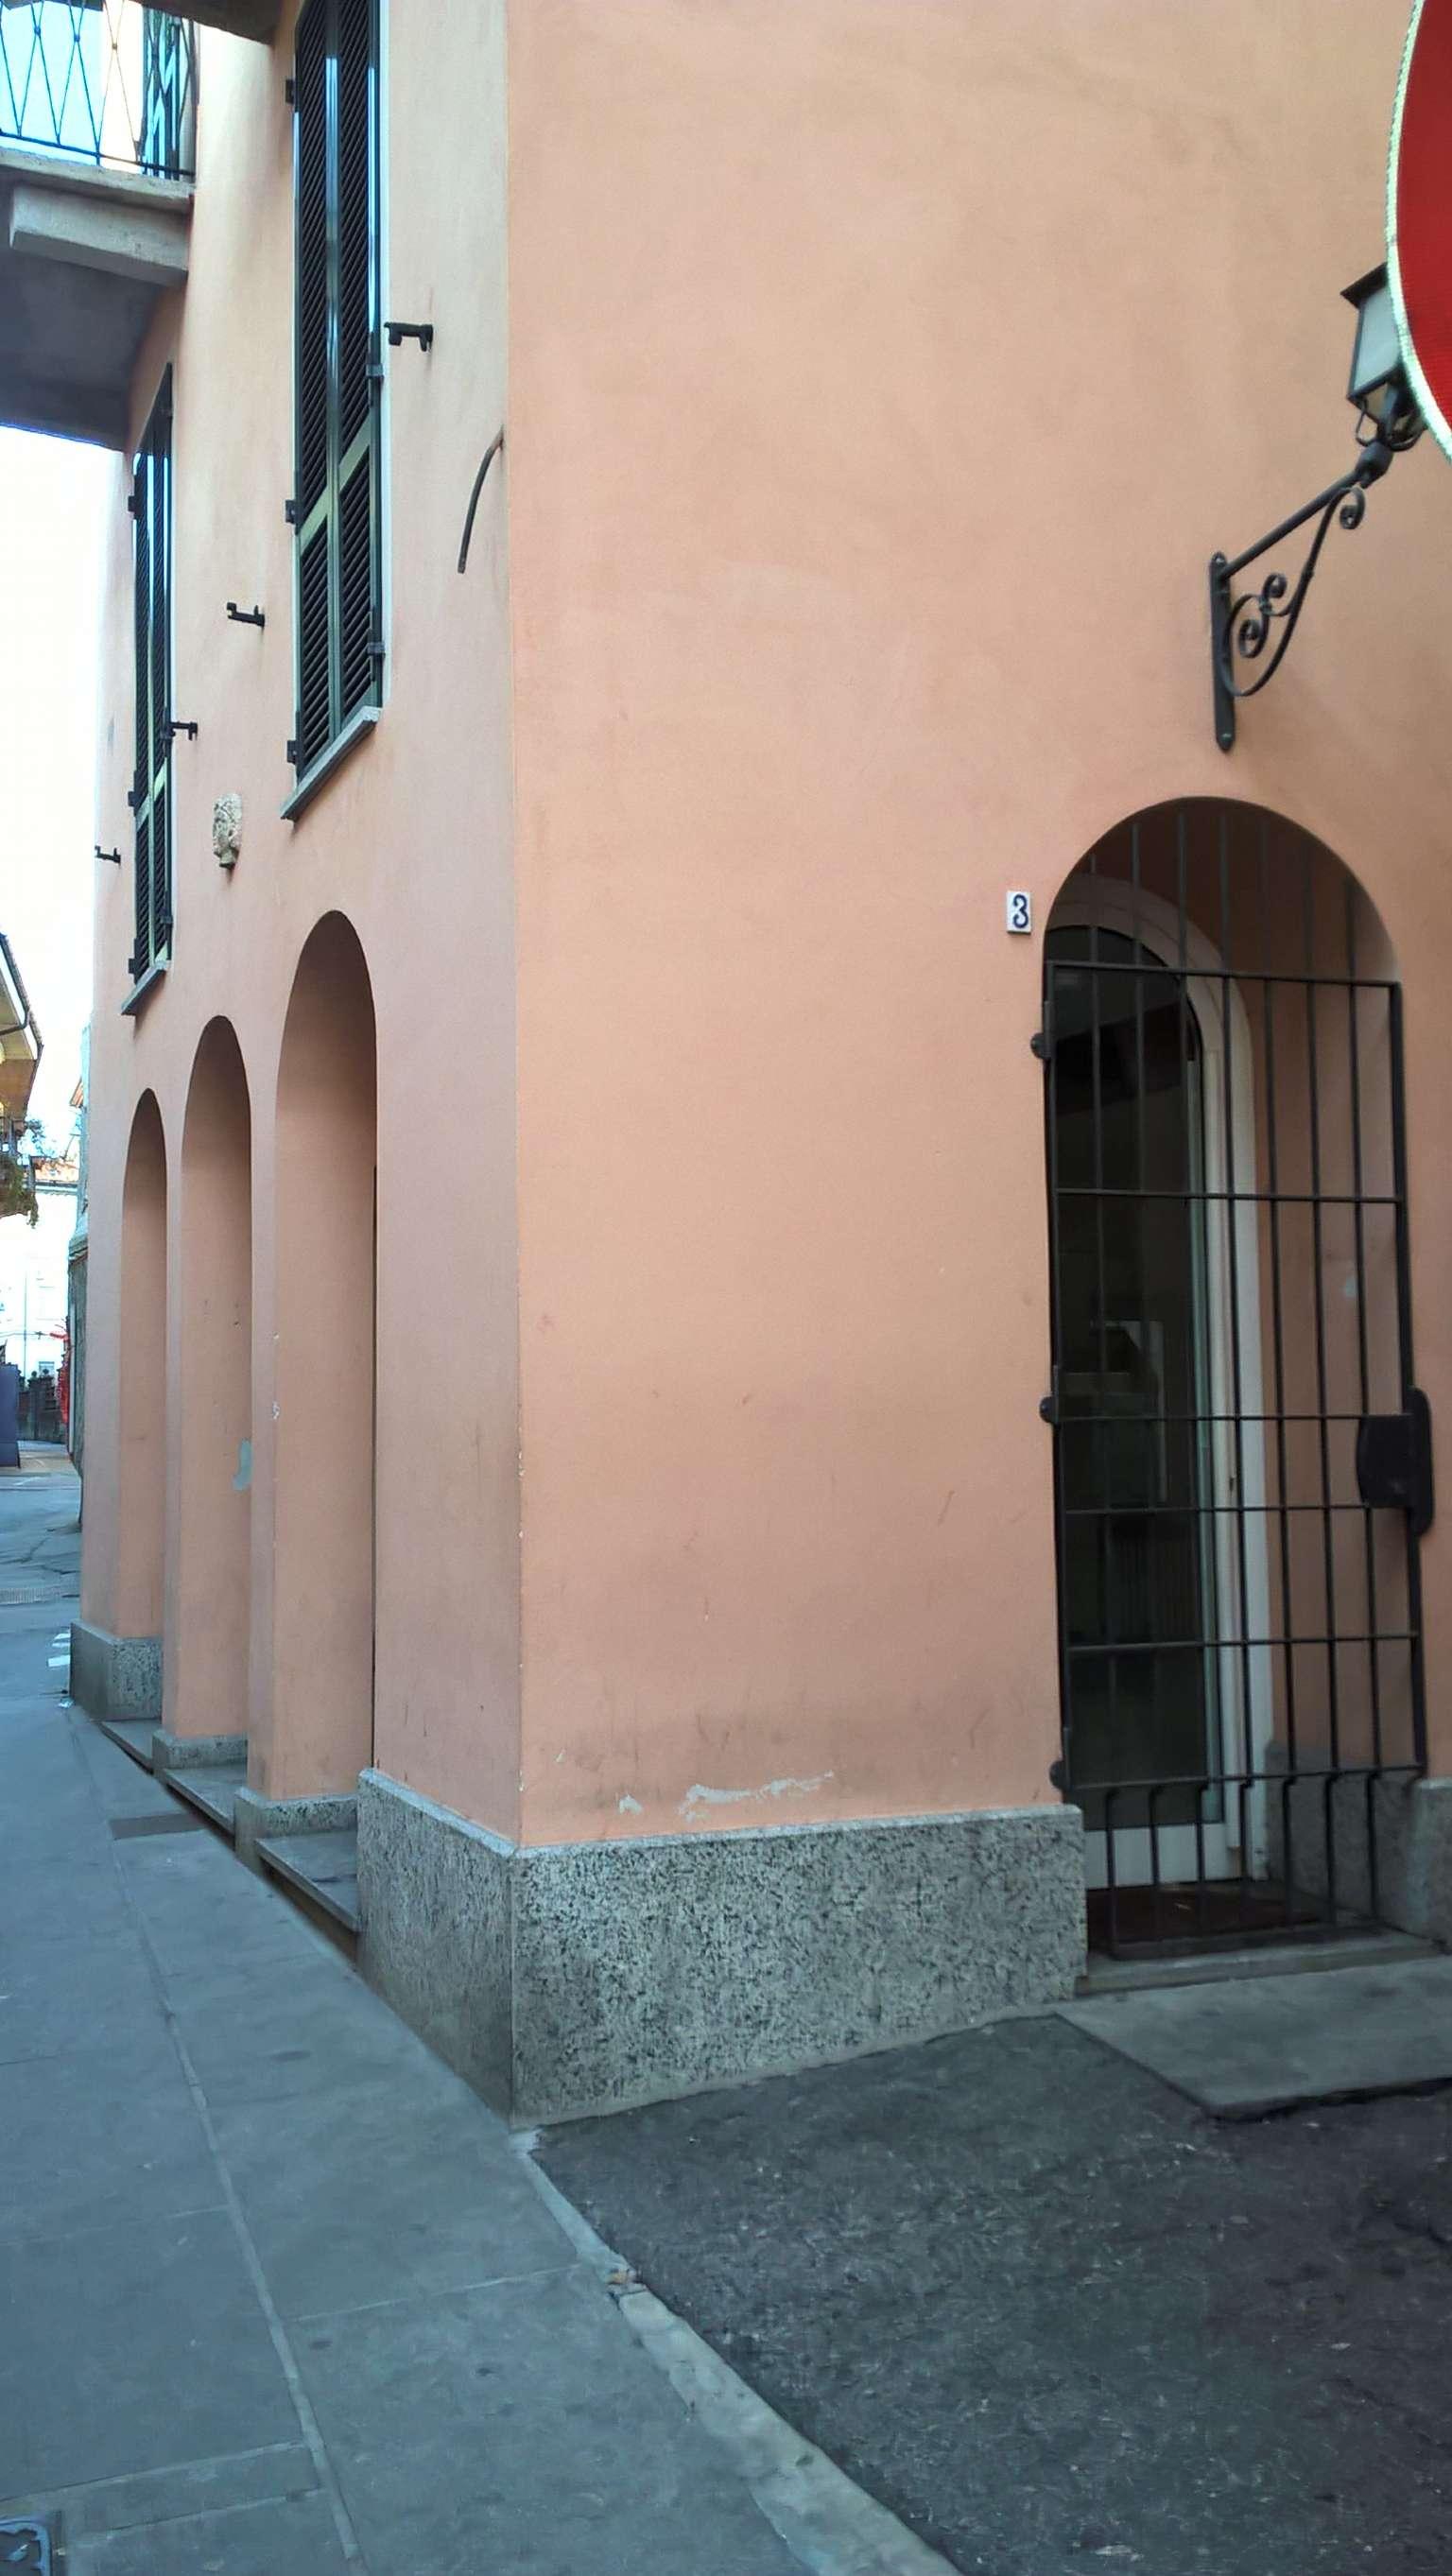 Negozio - Loc.Com. VERBANIA vendita   Fusari  angolo pzza S.Rocco UniCredit SubitoCasa - Nord Ovest